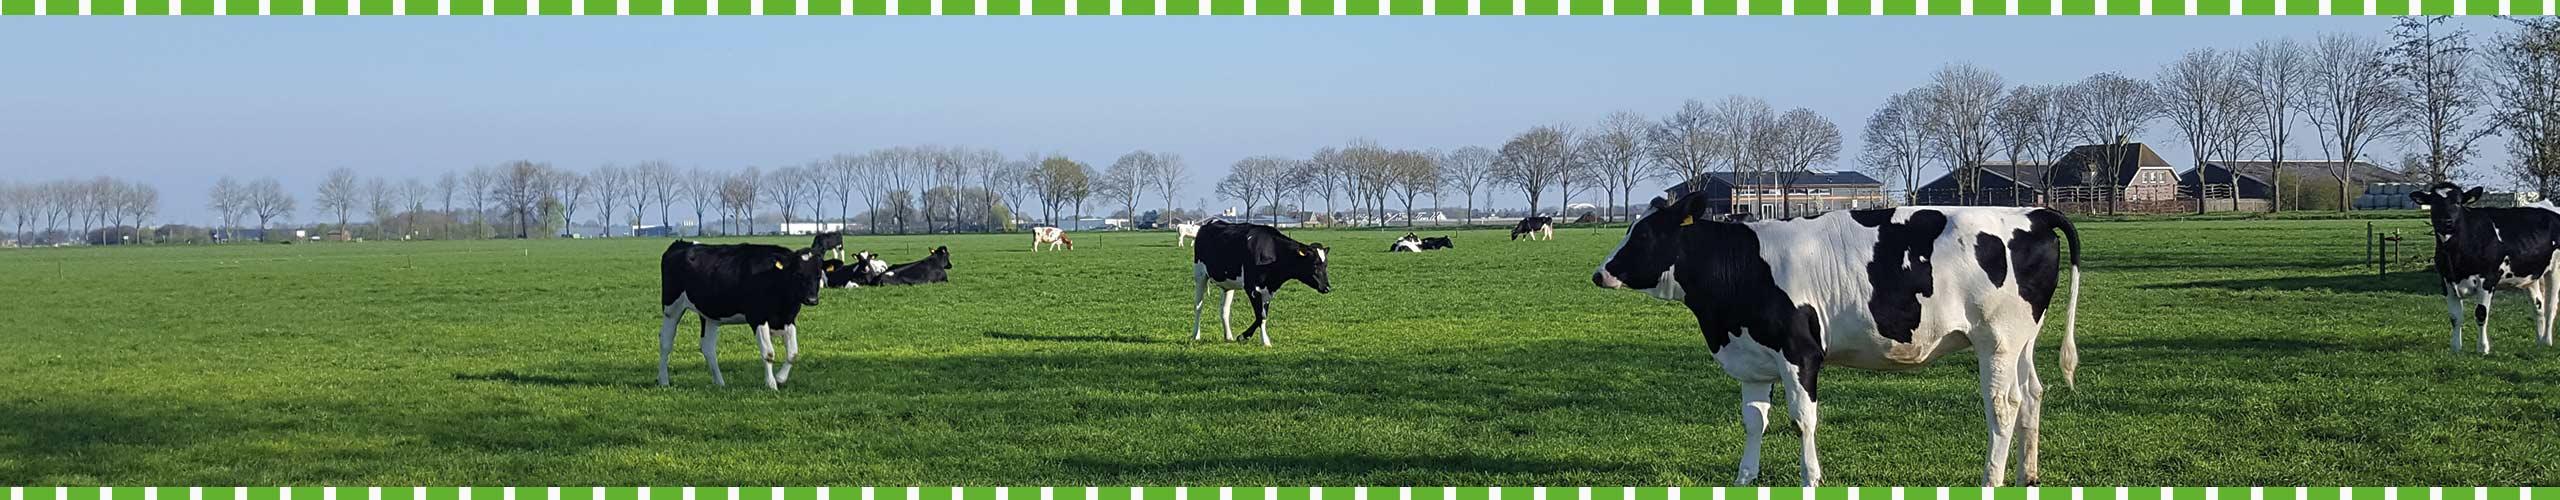 Slider 8 - Boerengolf Hedel - Activiteiten bij de boer